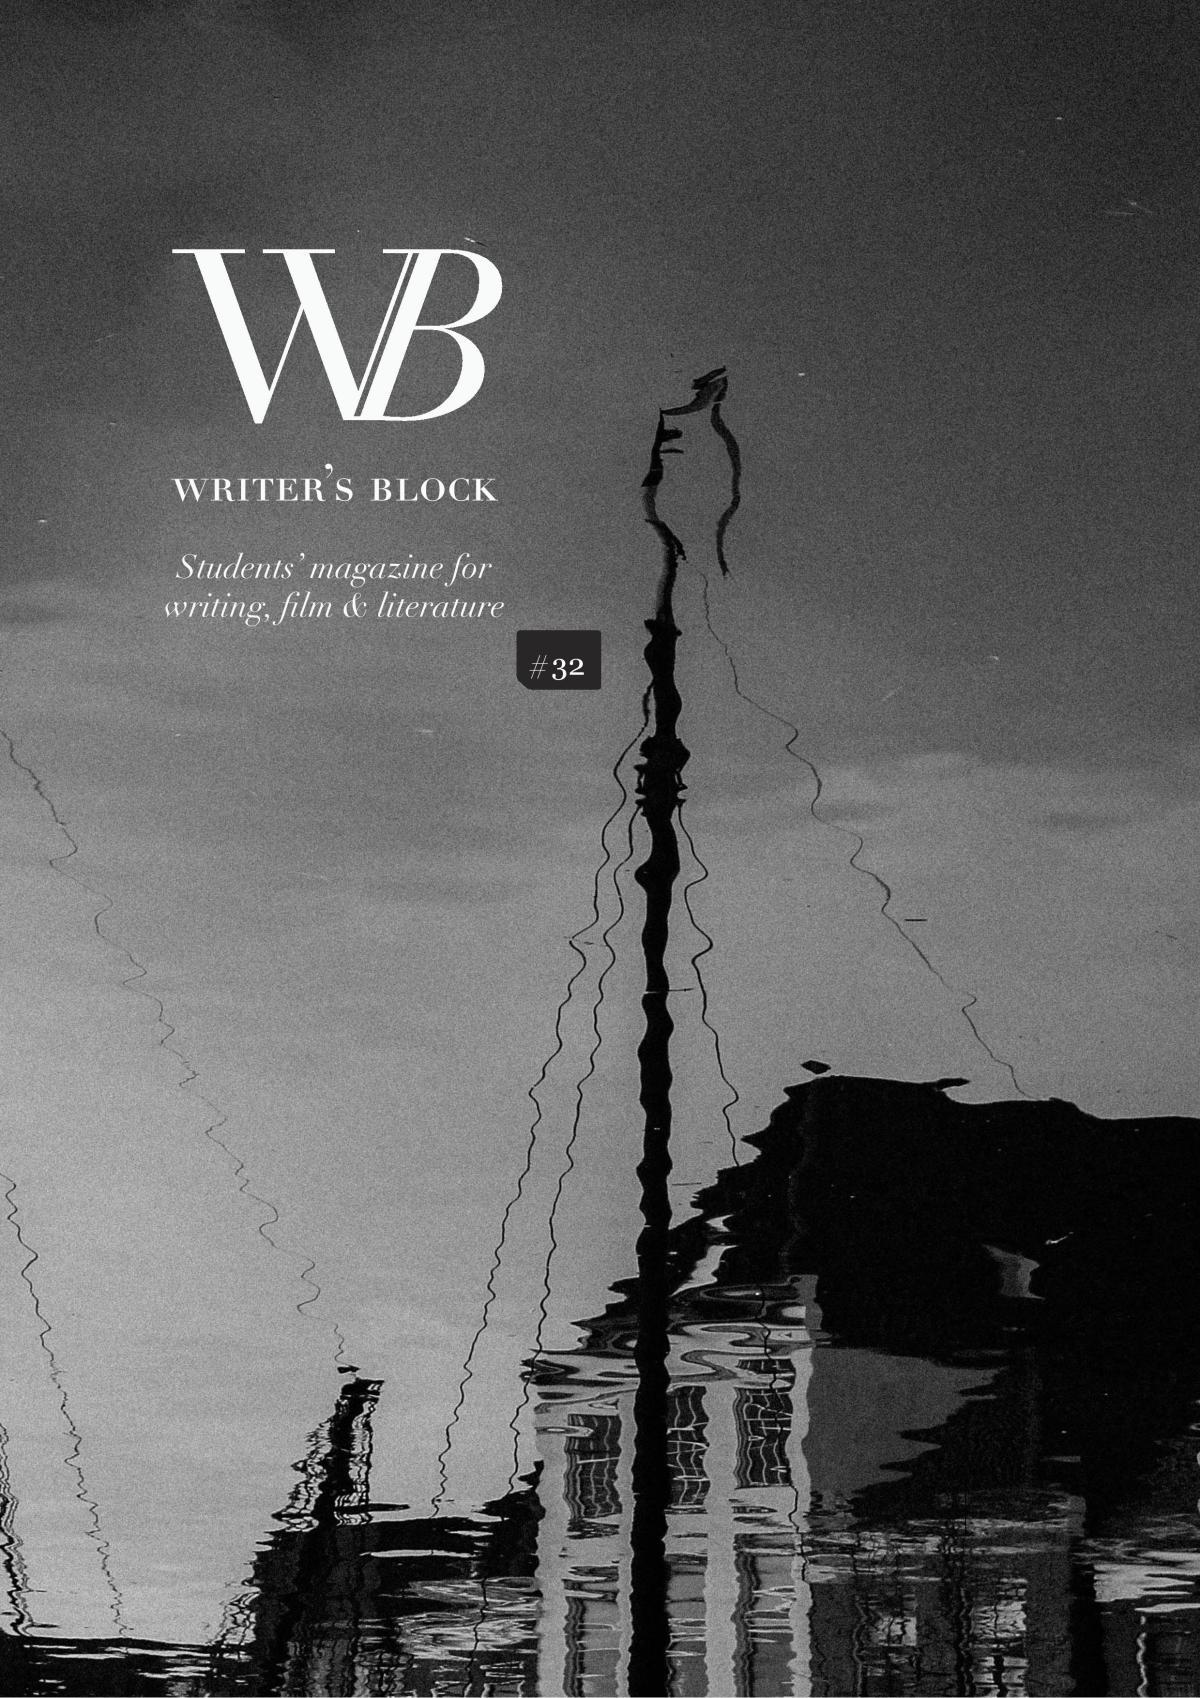 Writer's Block #32